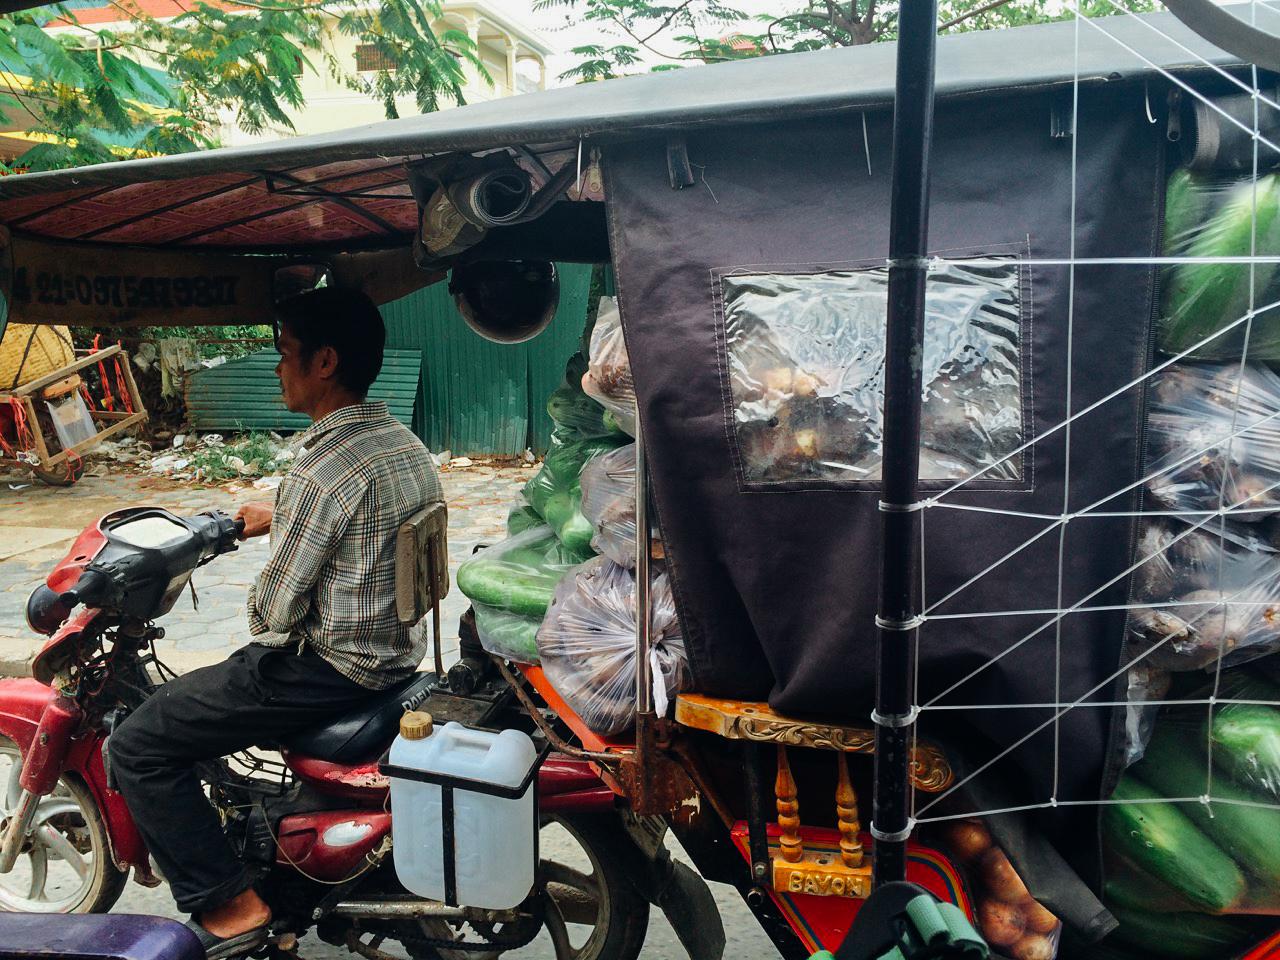 Путешествие по Камбодже: Кадр, снятый по дороге в аэропорт